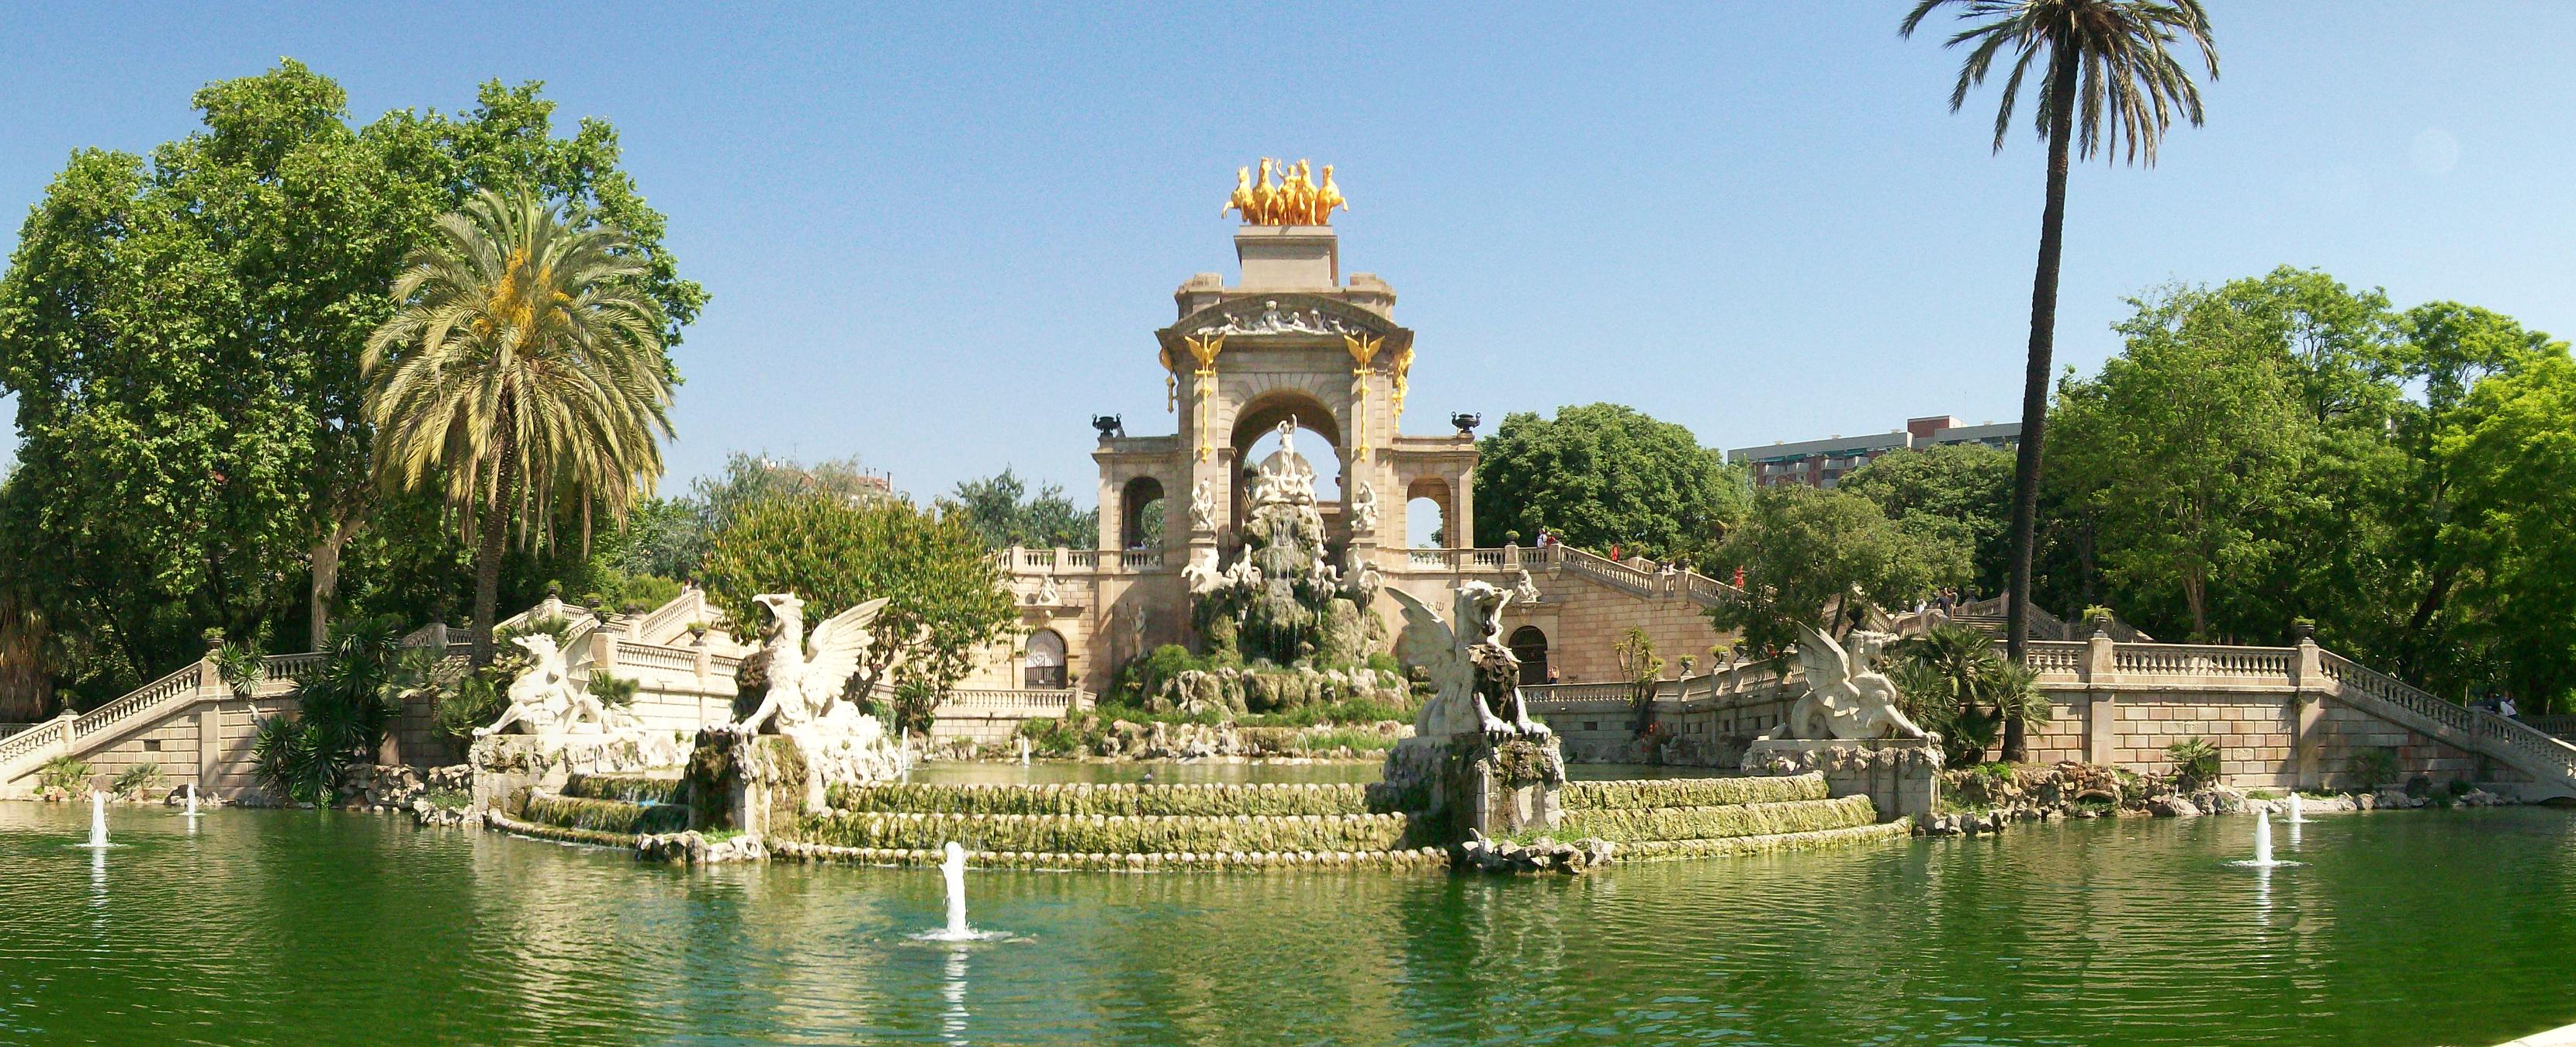 Font_de_la_Cascada_-_Parc_de_la_Ciutadella.jpg